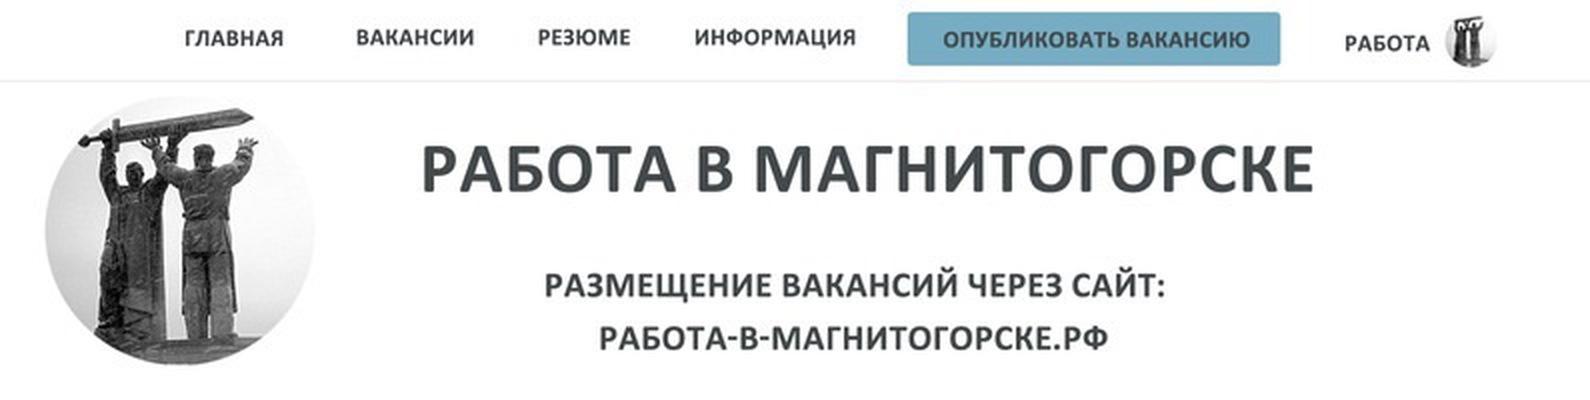 Магнитогорск работа 74 свежие вакансии сторож объявление продаю sokkia sdl30